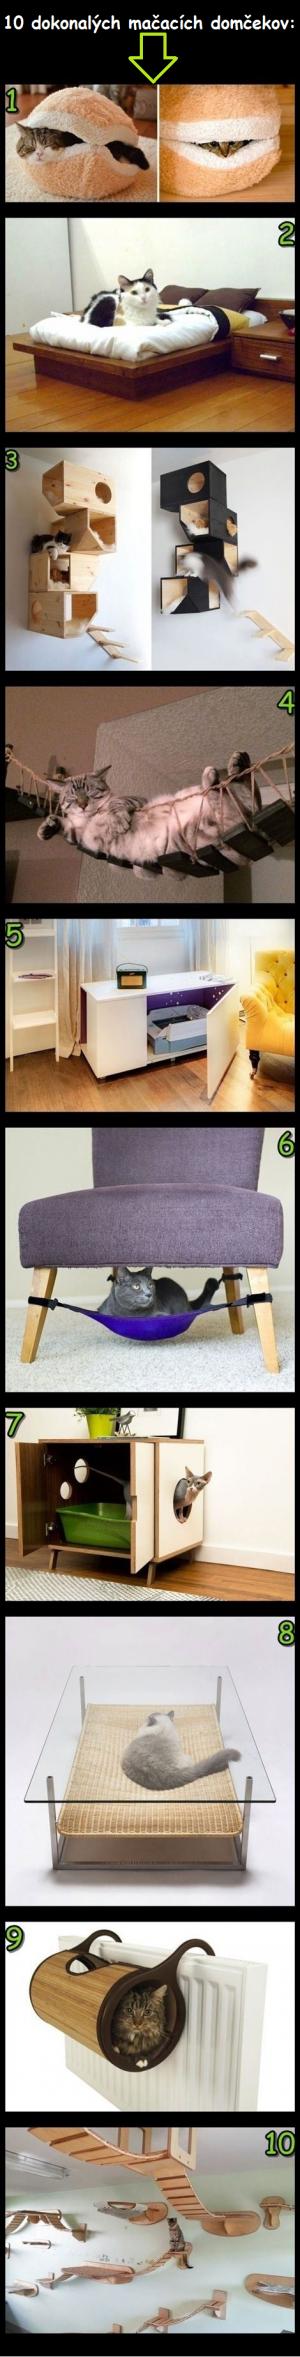 Ty nejlepší kočičí pelíšky